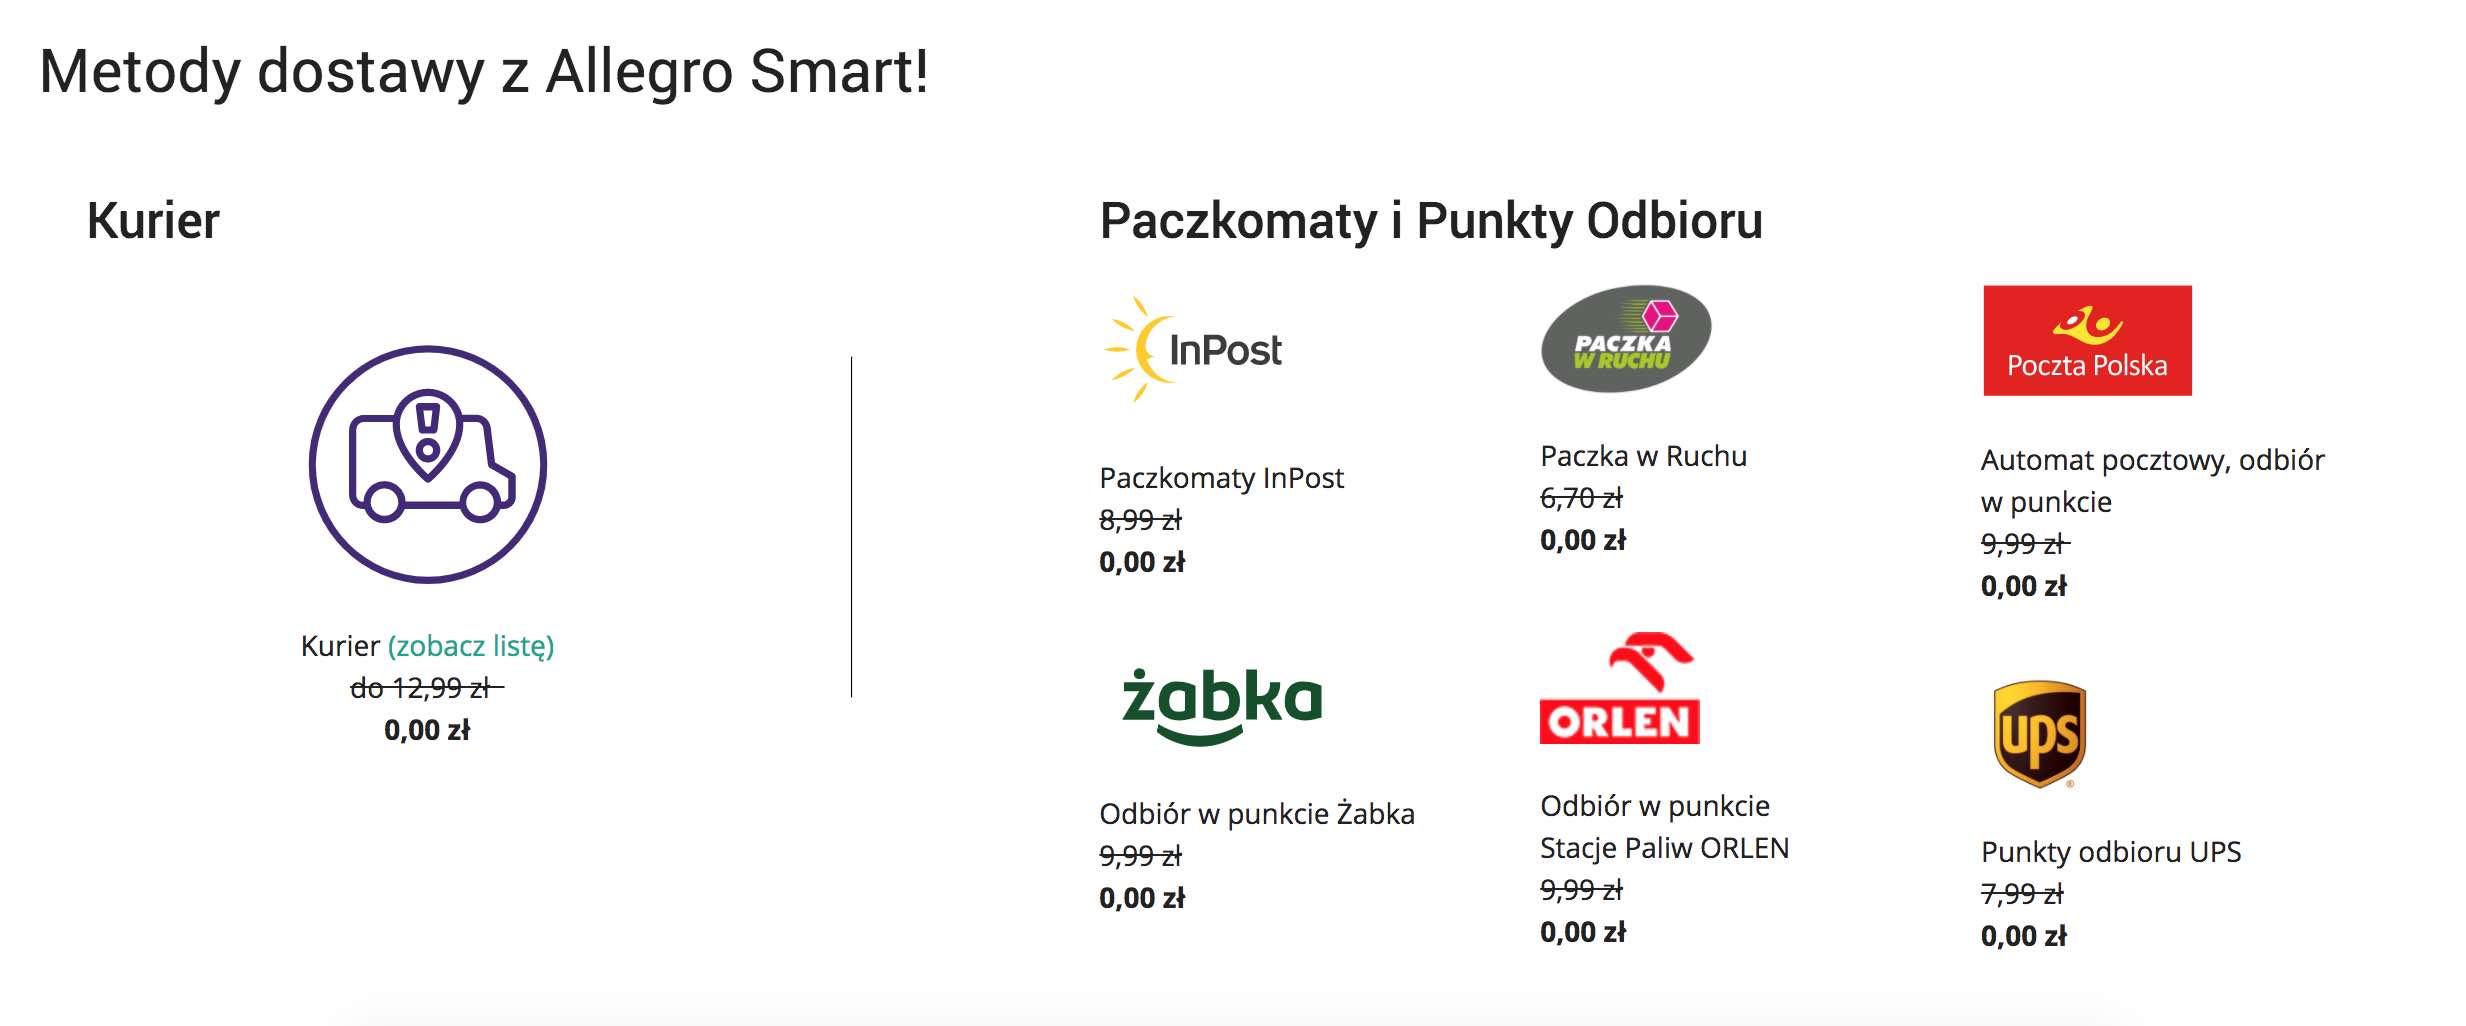 Twoj Sklep Internetowy I Allegro Smart To Warto Wiedziec Shoper